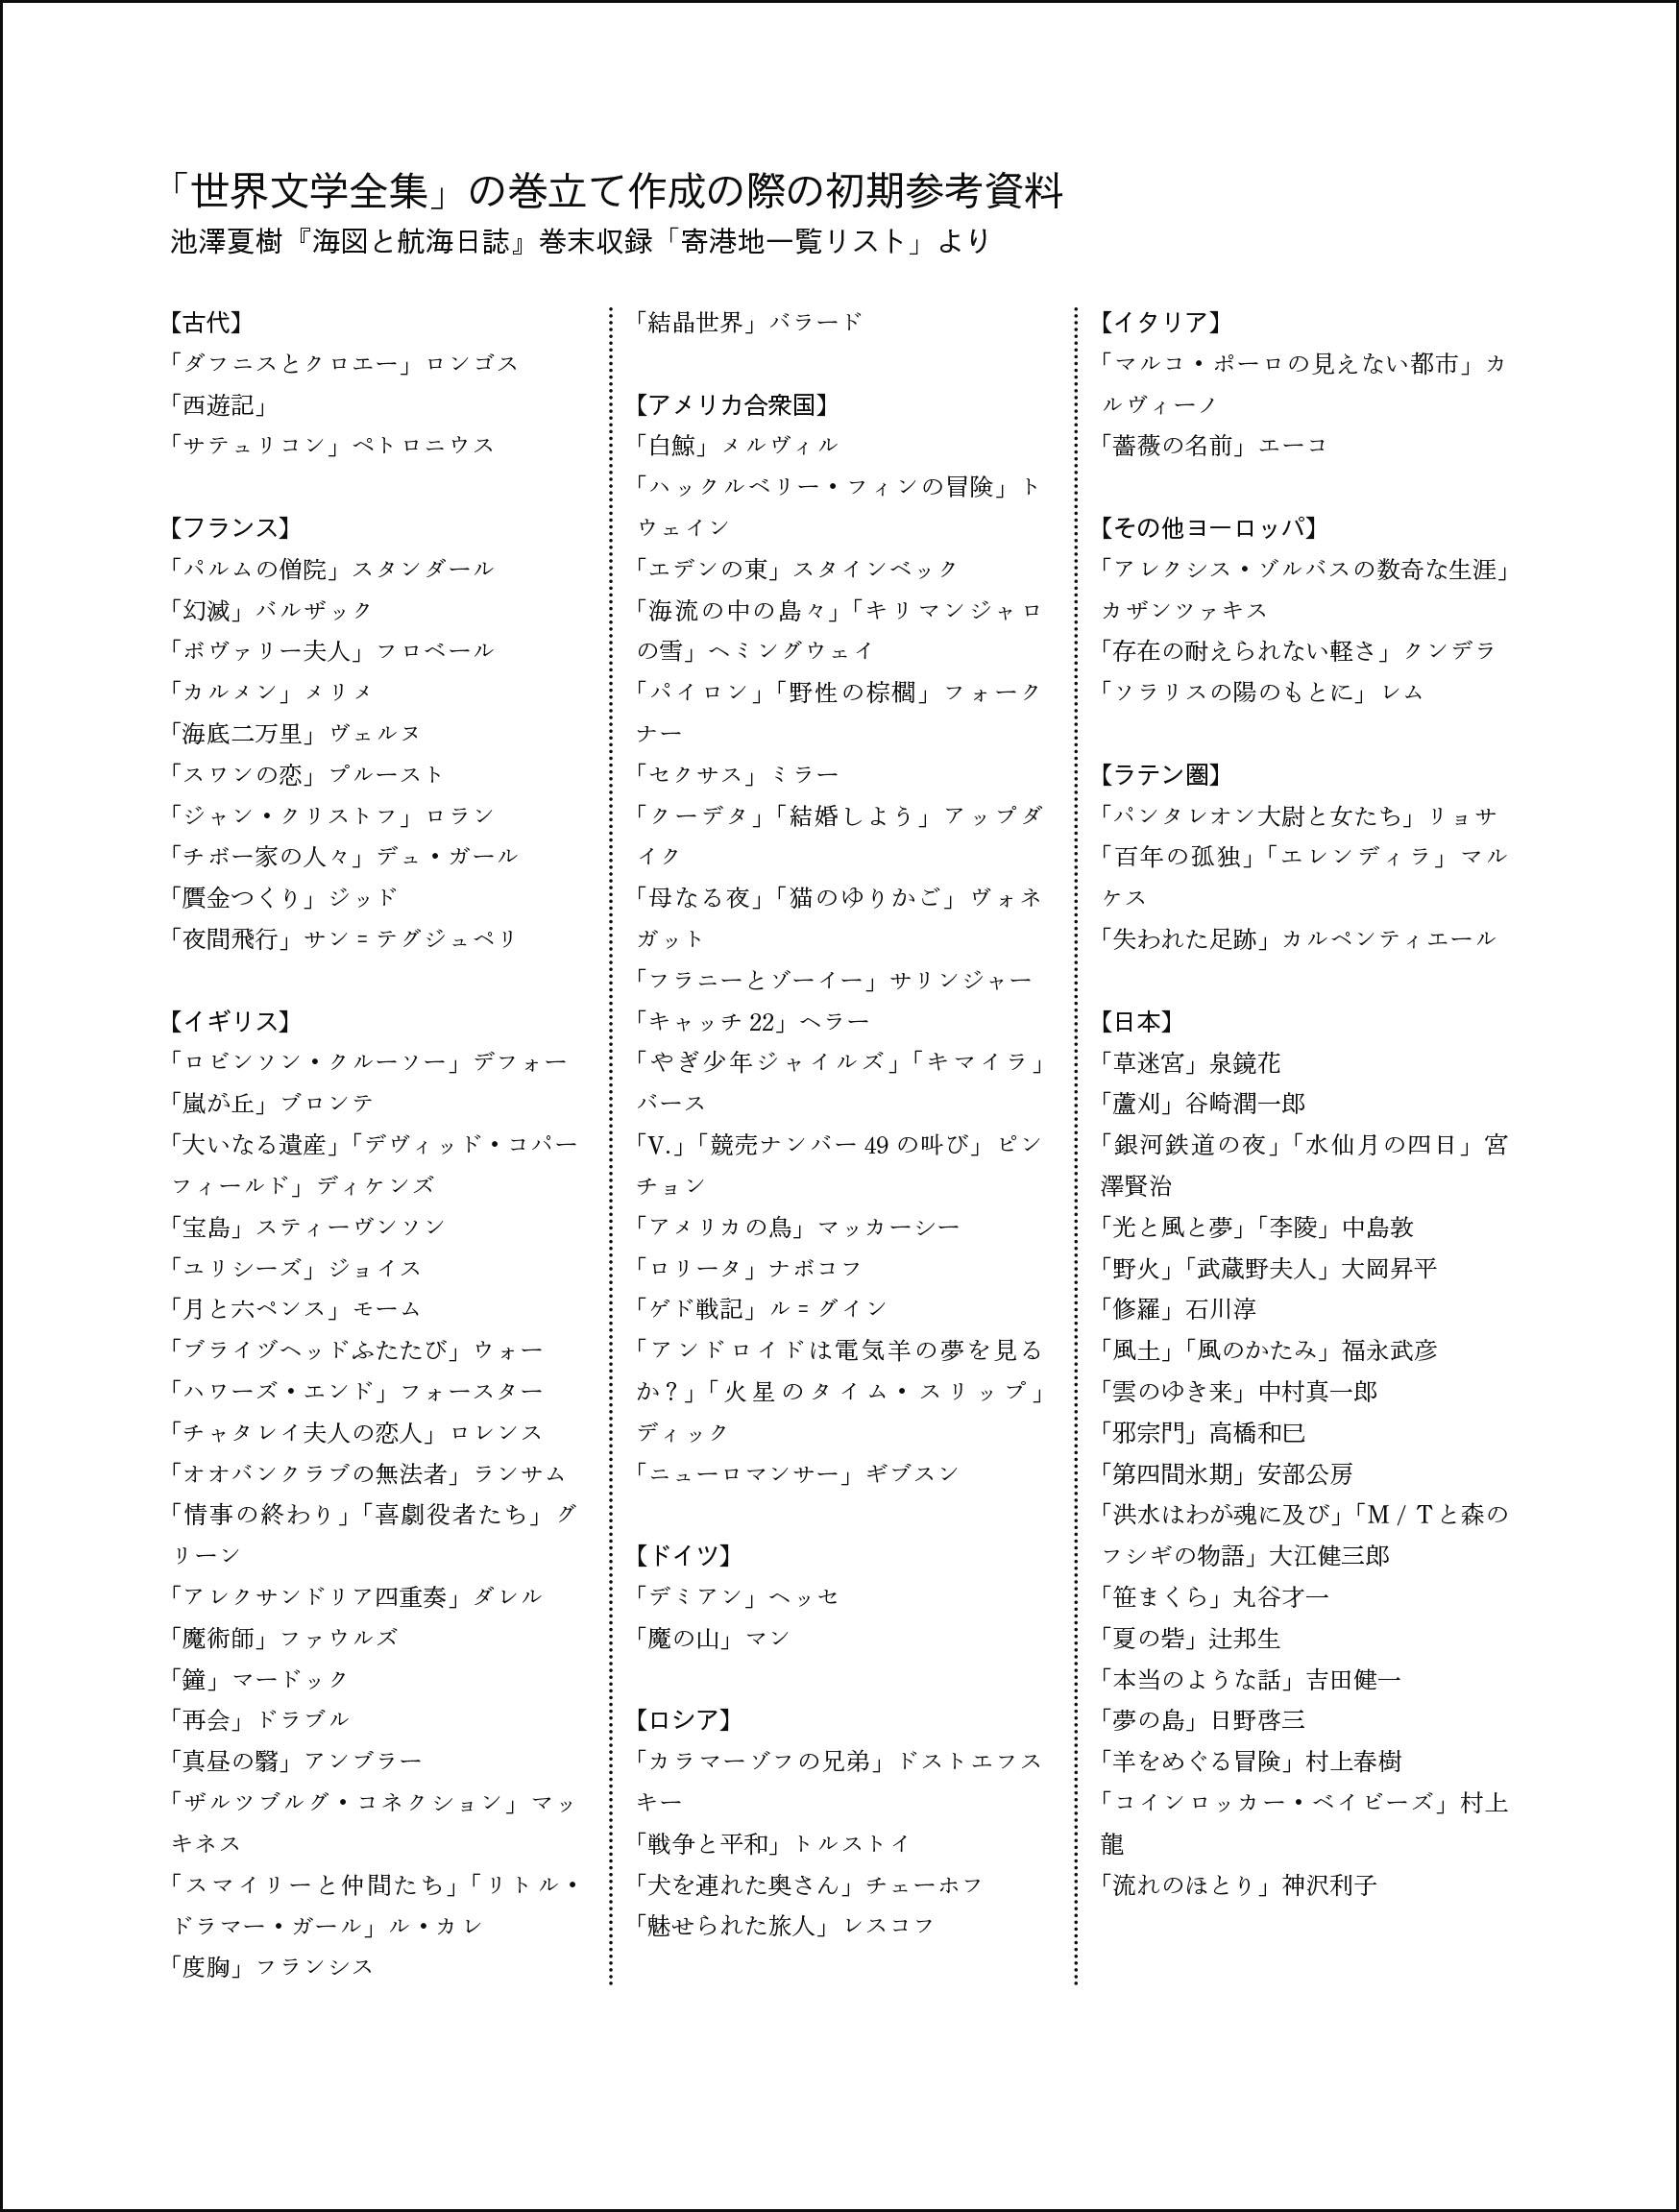 池澤夏樹、文学全集を編む.indd